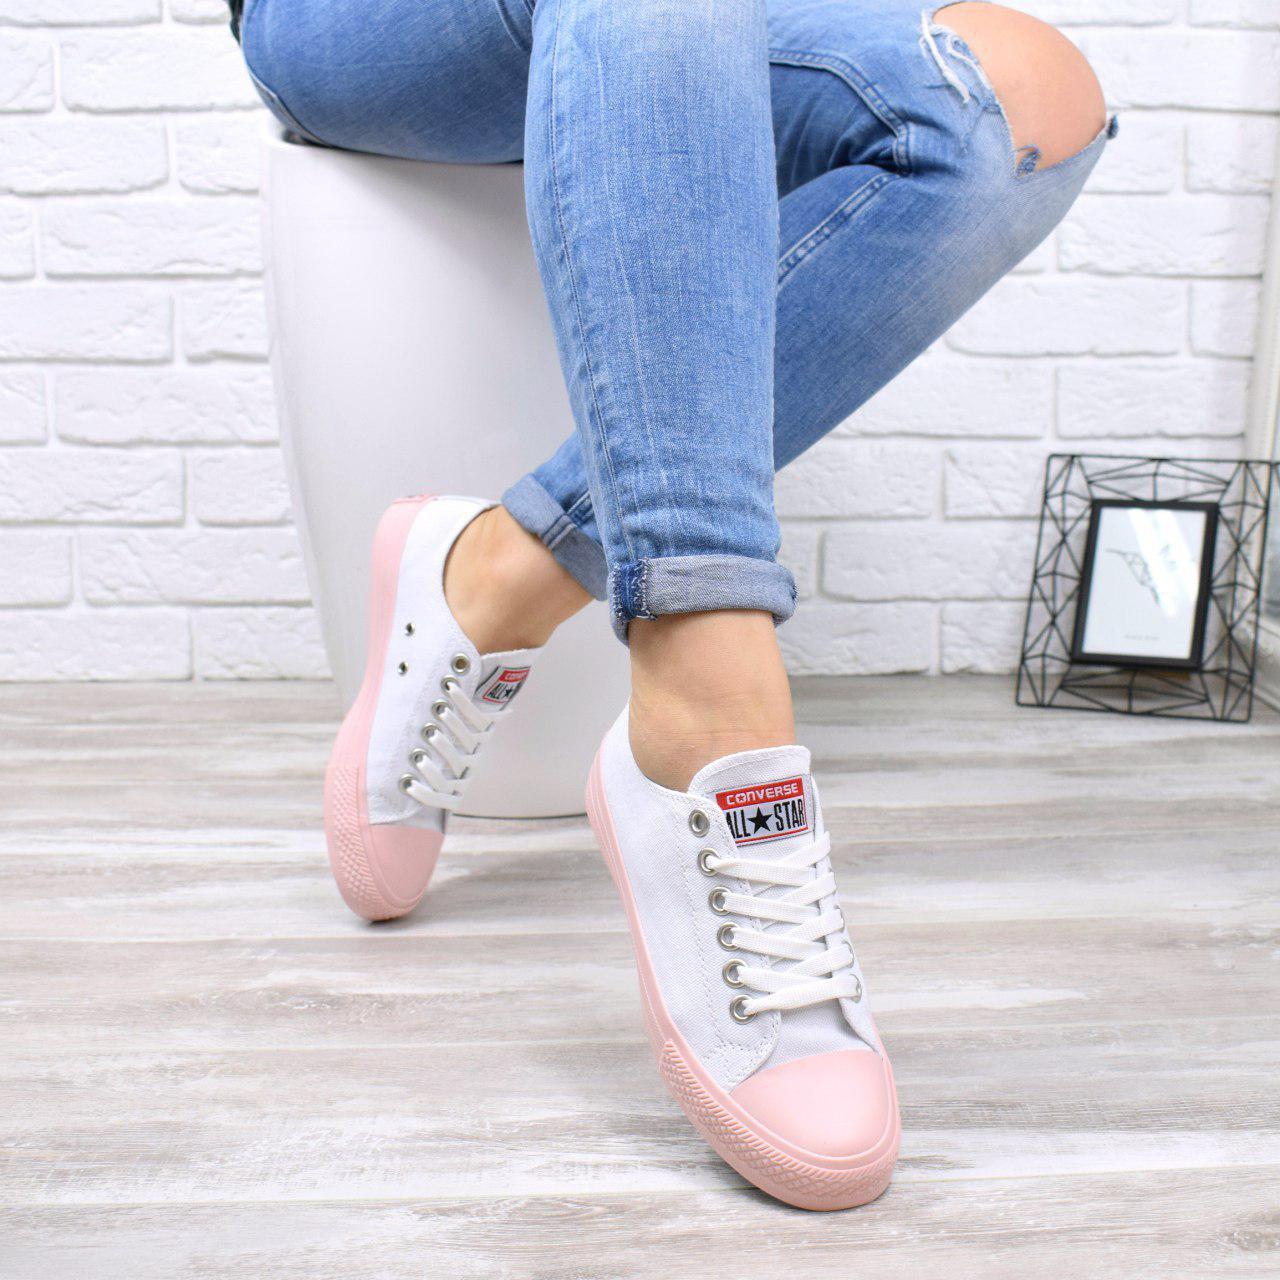 """Кроссовки, кеды, мокасины """"Converse"""" белые, текстиль, на ровном ходу повседневная, спортивная, удобная обувь"""